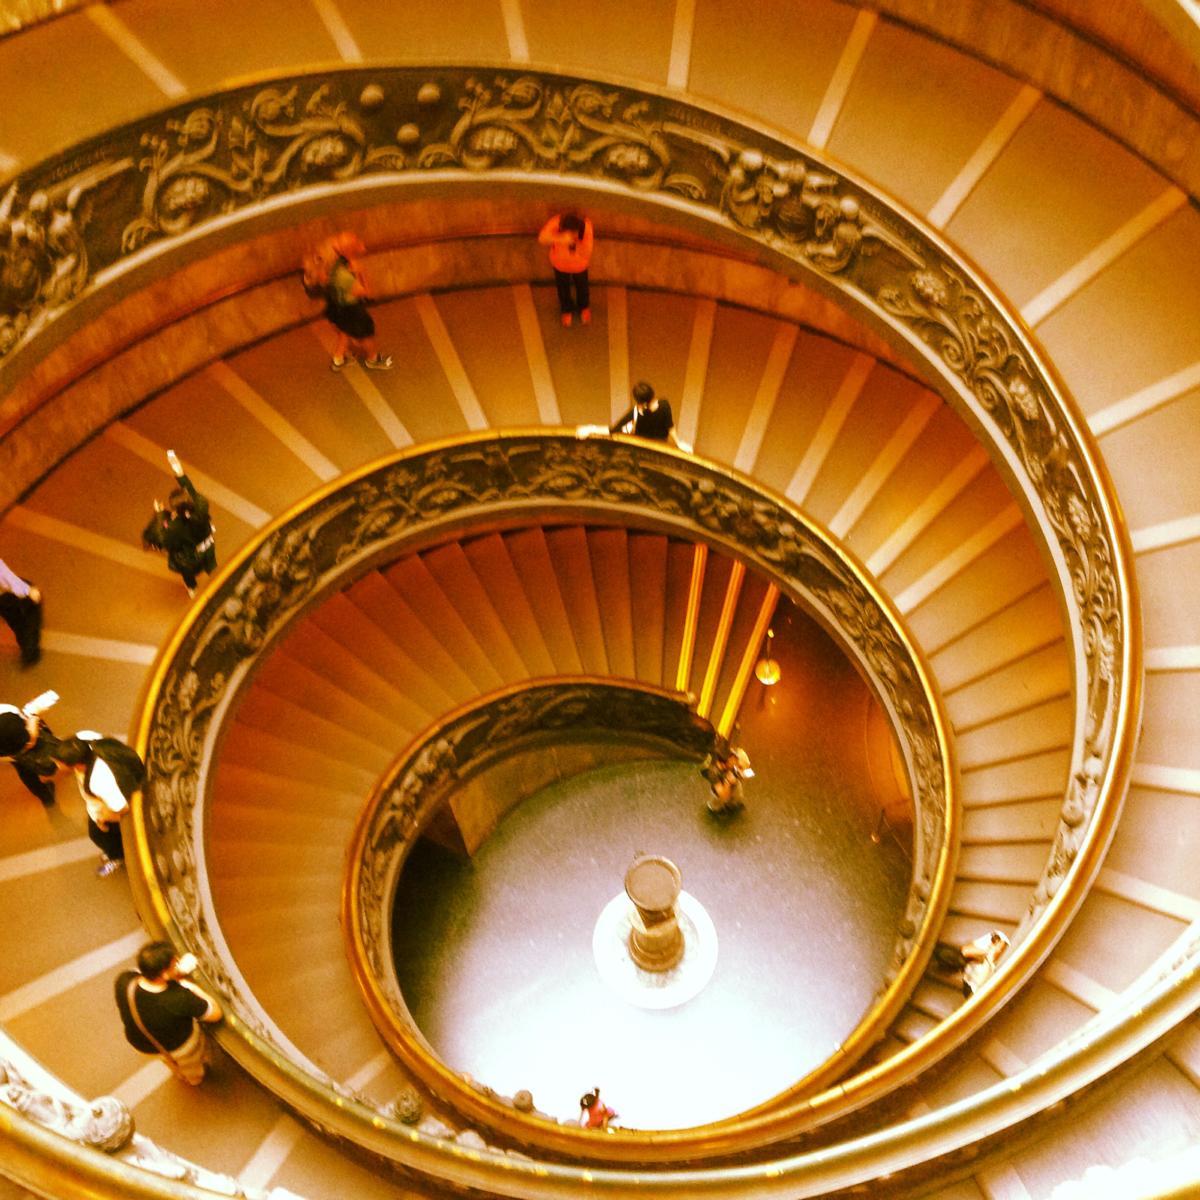 Die Spirale ist ein Zeichen für Entwicklung.